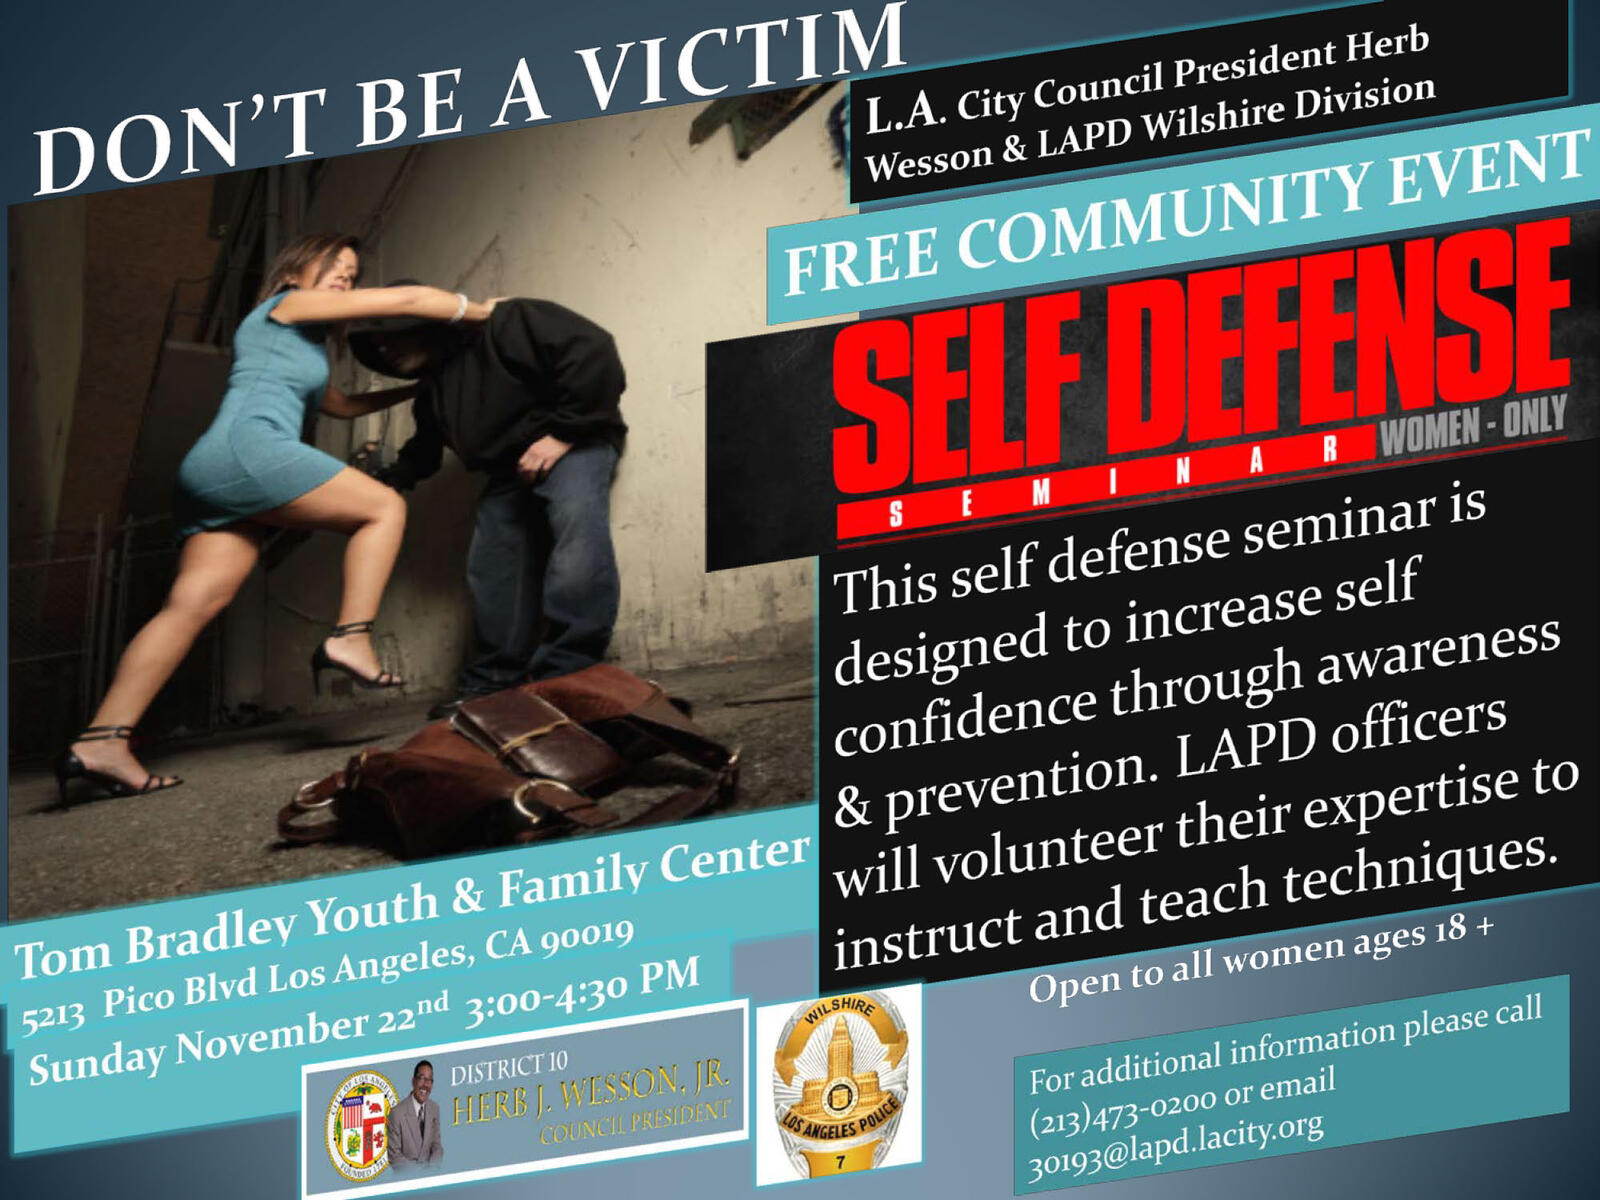 Self Defense Seminar (Los Angeles Police Department) | Nextdoor